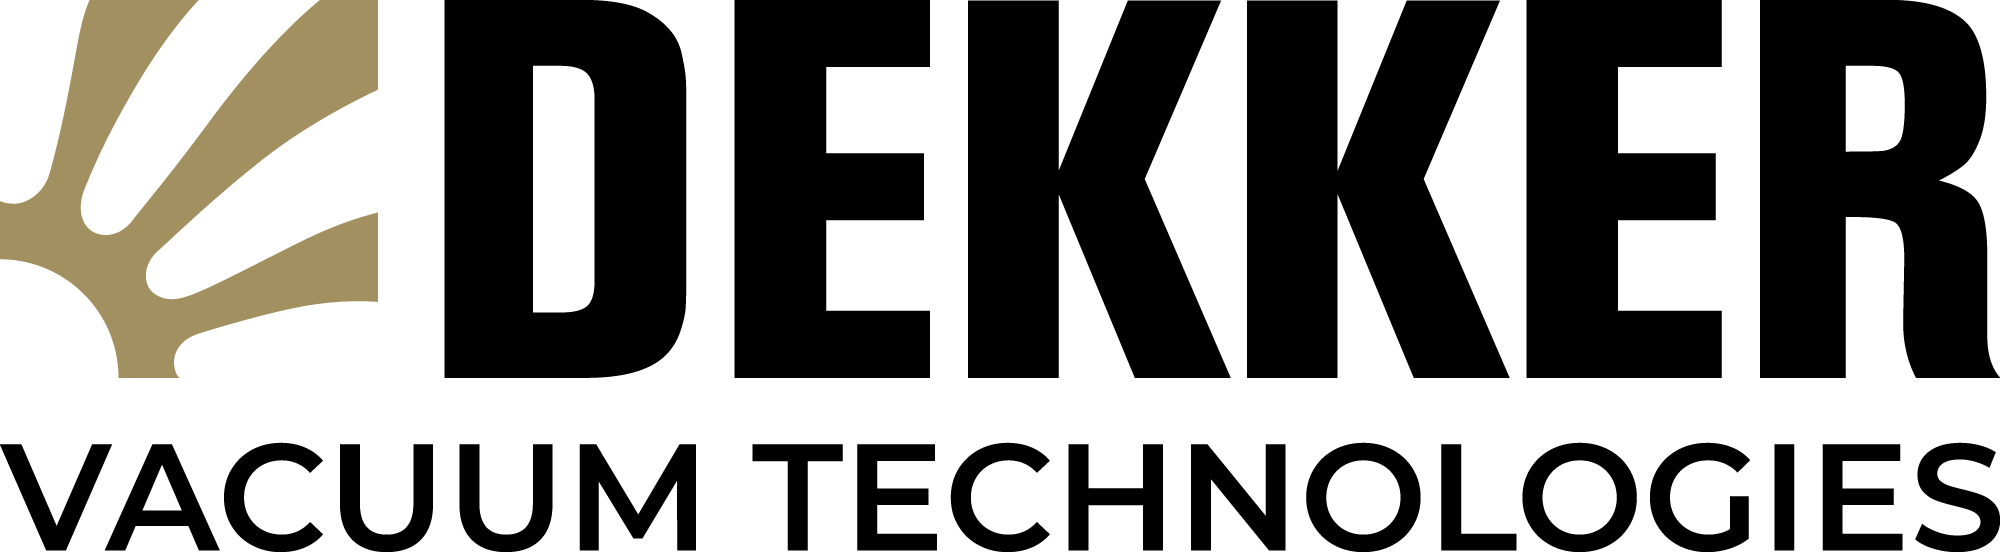 DEKKER_main_logo_black (1)